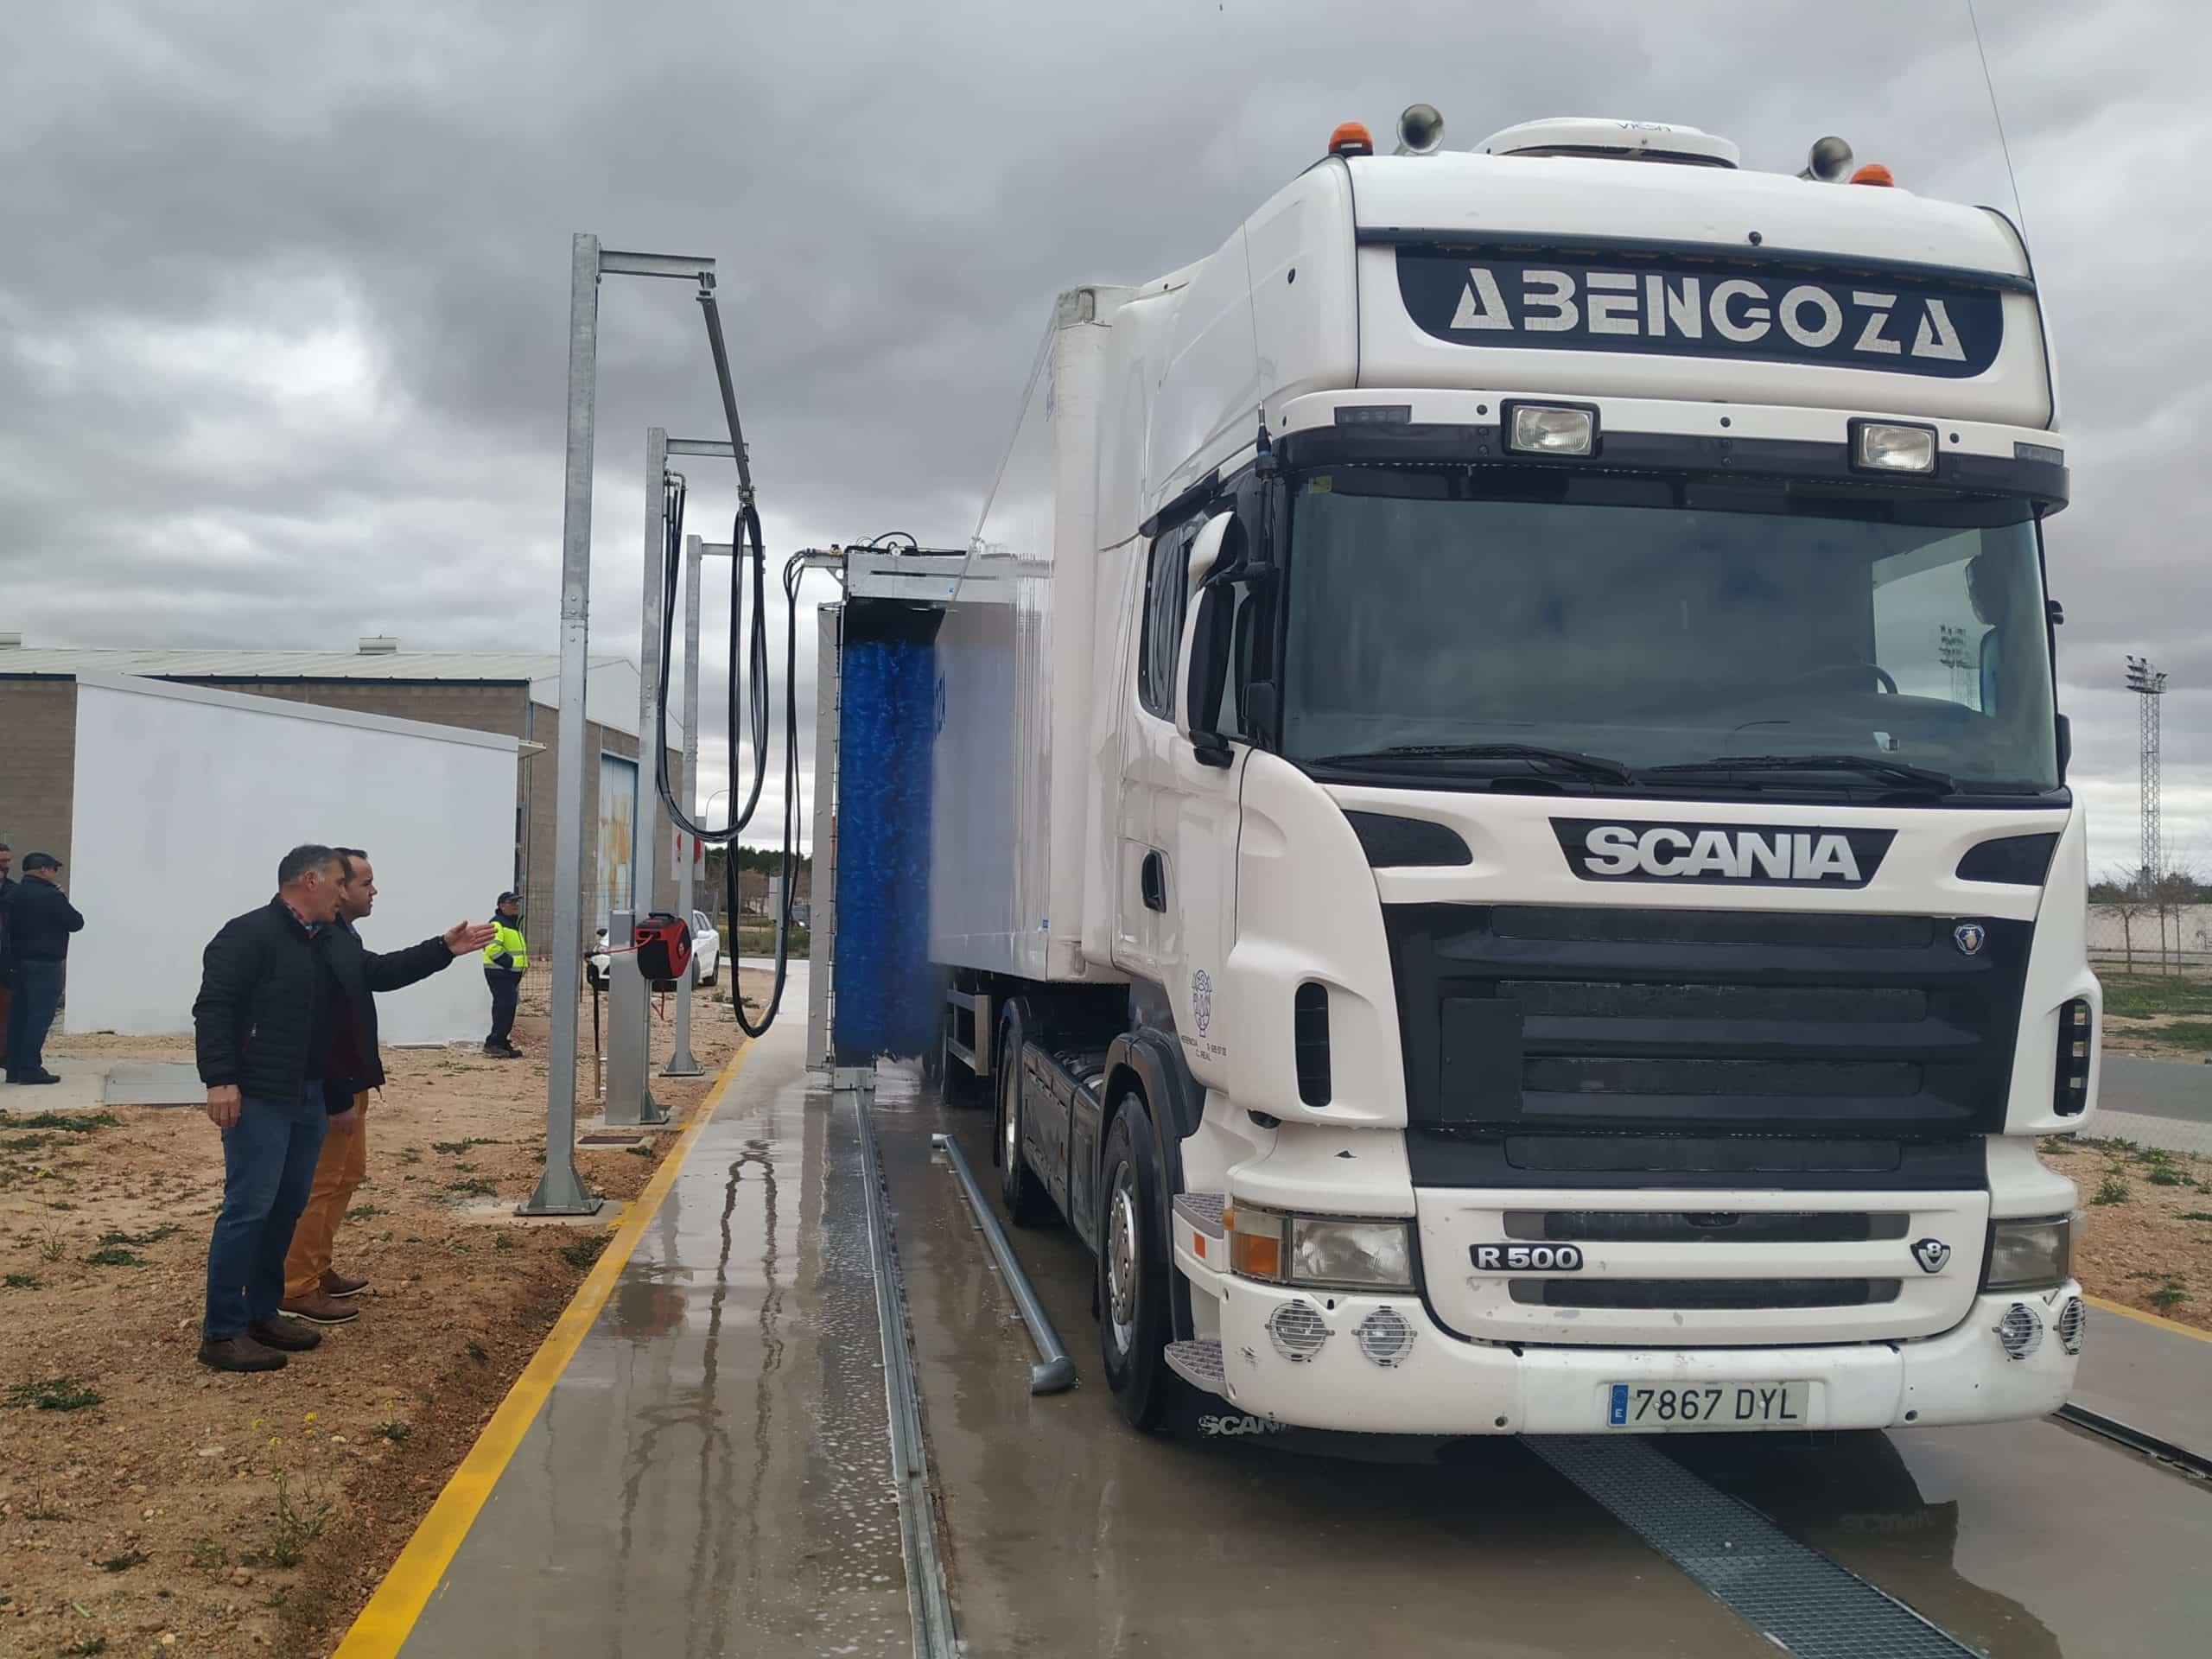 lavadero camiones herencia 2 scaled - El lavadero público de camiones de Herencia entra en funcionamiento